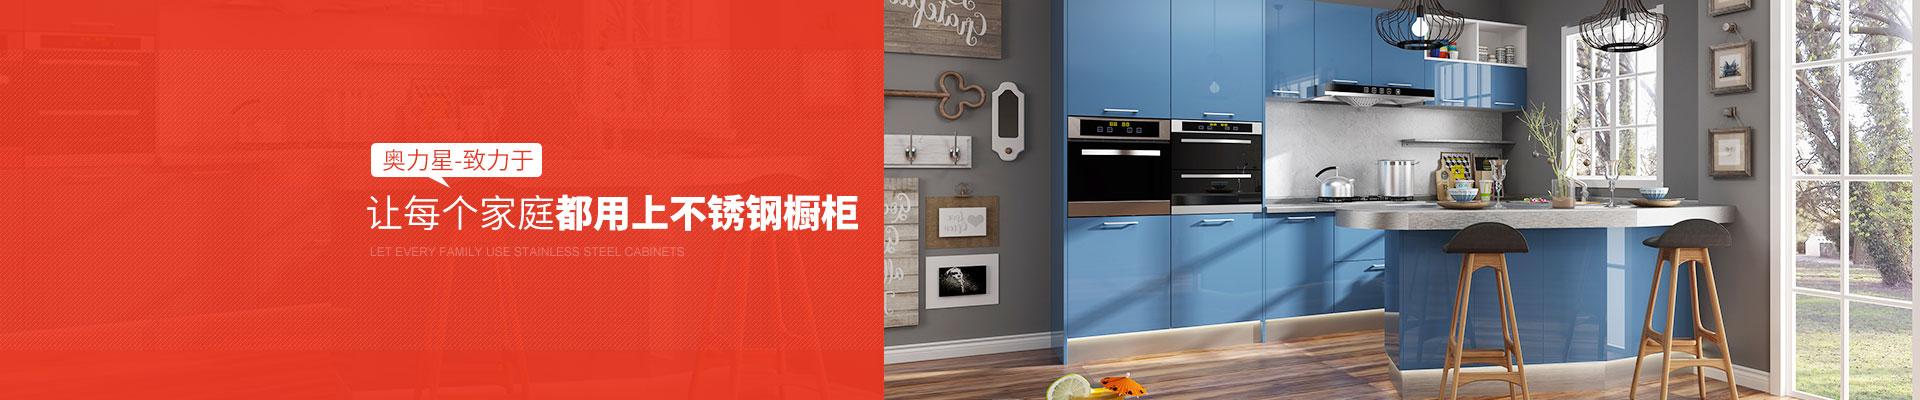 奥力星——致力于让每个家庭都用上不锈钢橱柜